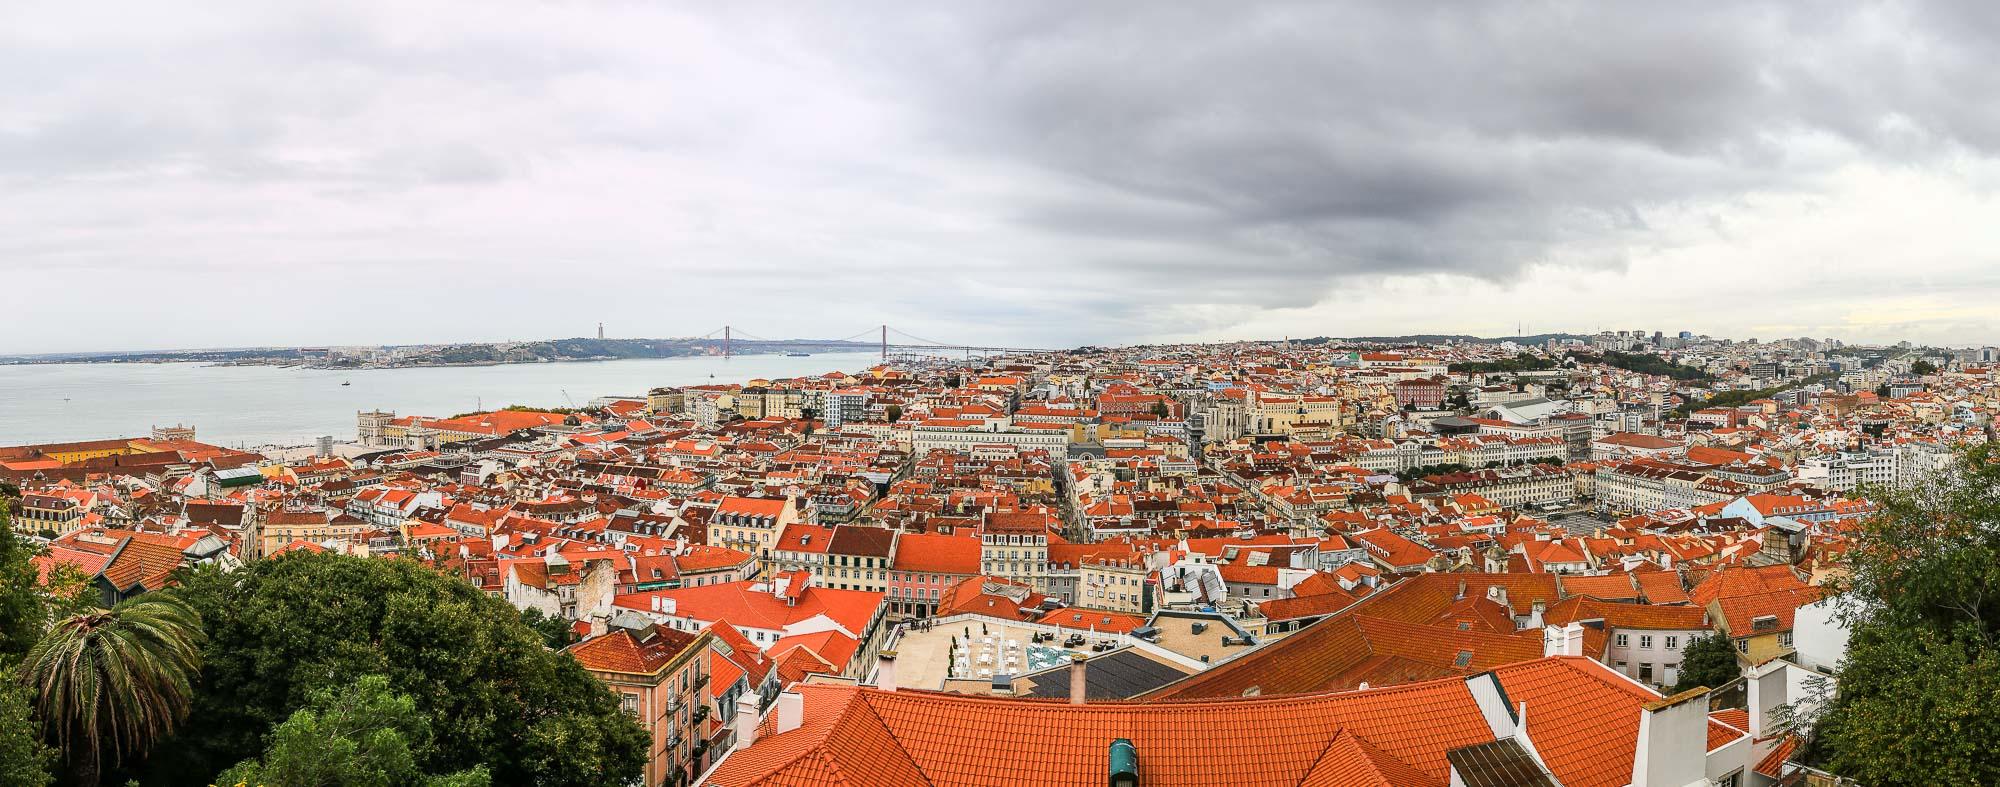 PORTUGAL-2012-jusmedic-#136